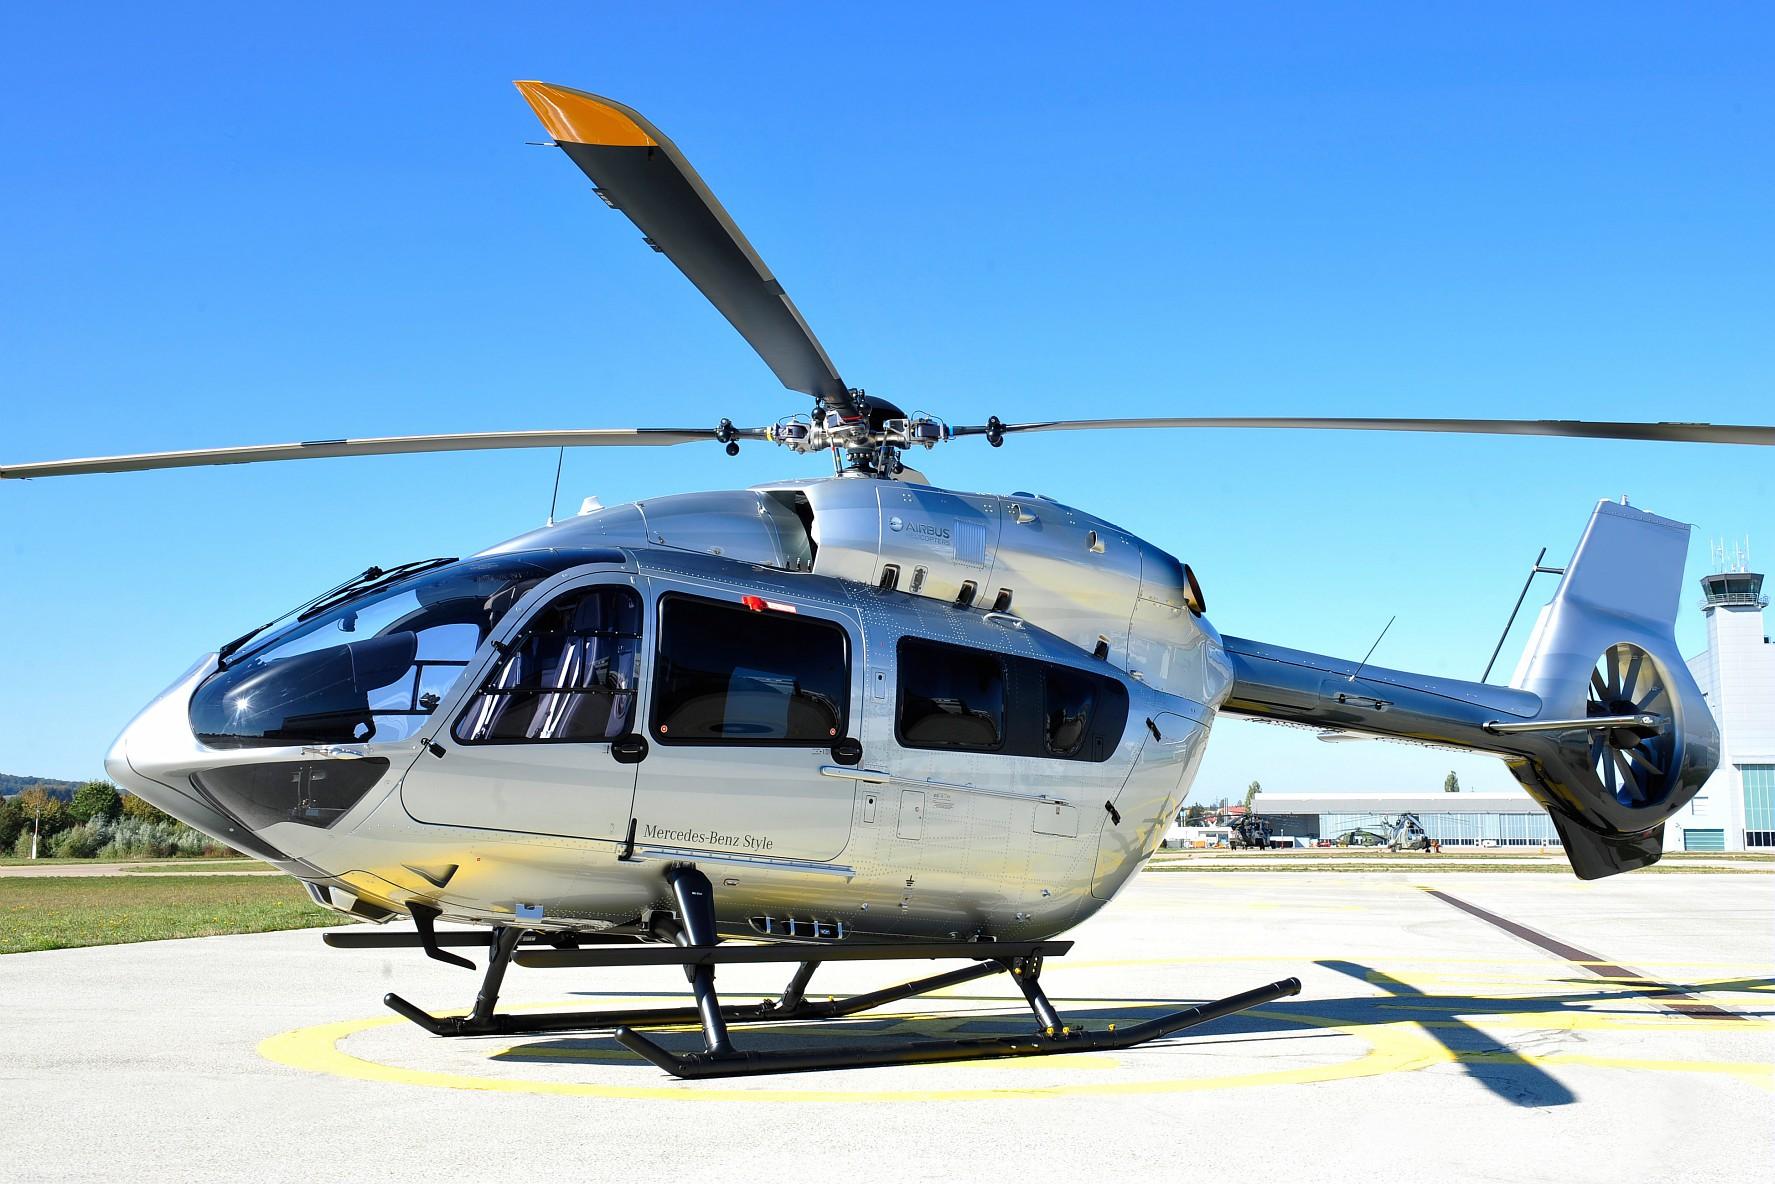 H145, il punto di riferimento dell'elisoccorso ha raggiunto le 10.000 ore di volo | Emergency Live 9